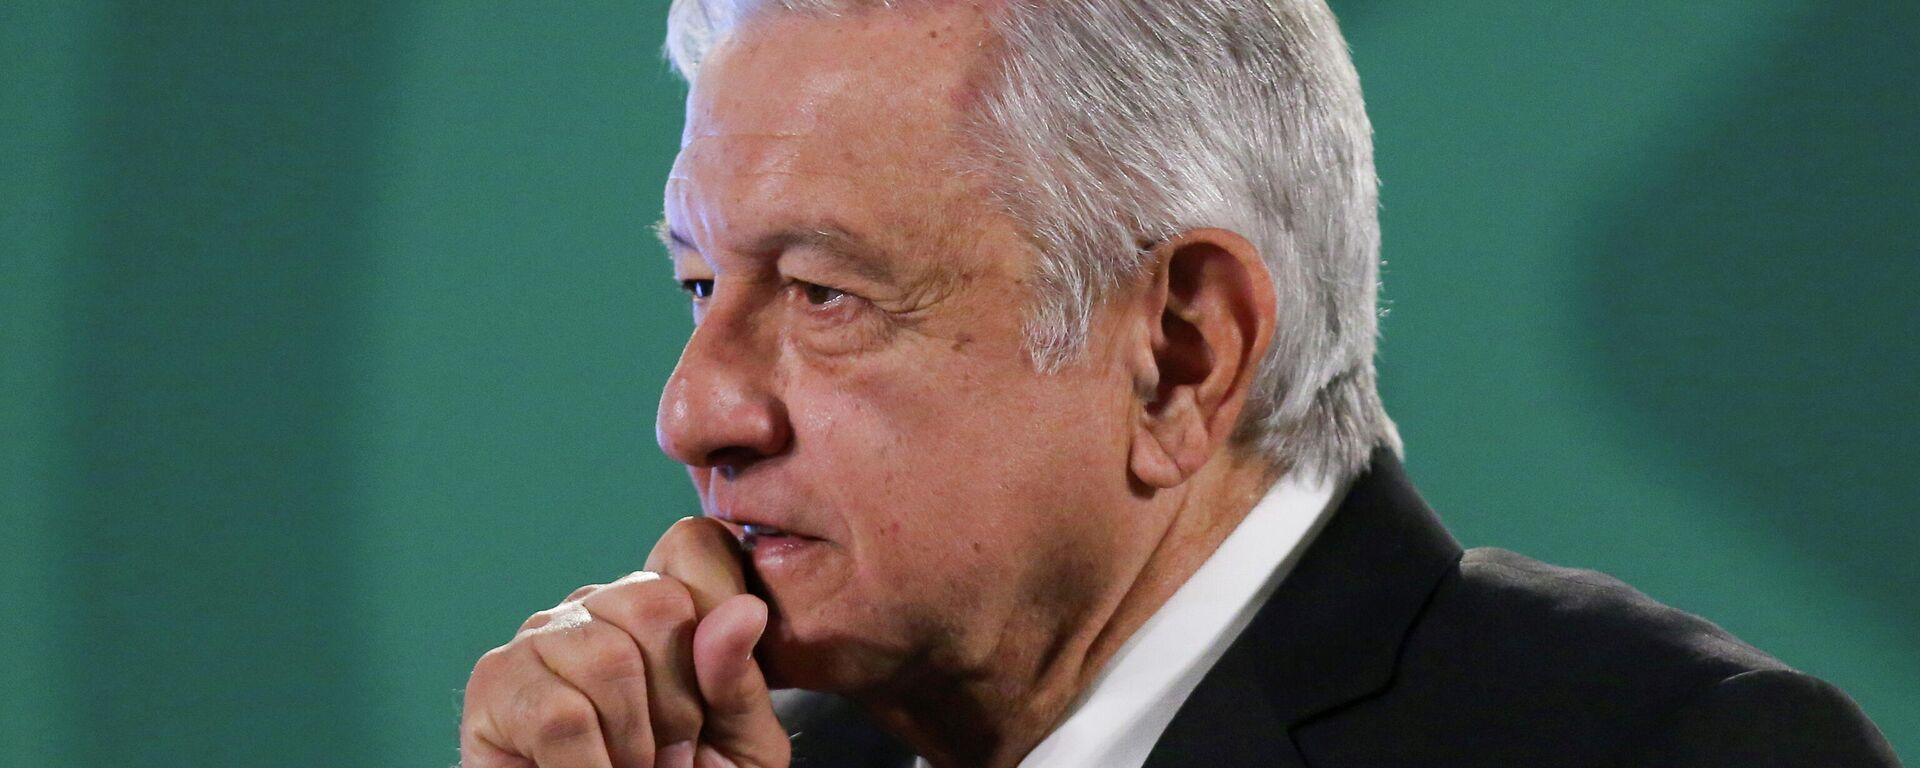 Andrés Manuel López Obrador, presidente de México - Sputnik Mundo, 1920, 21.05.2021